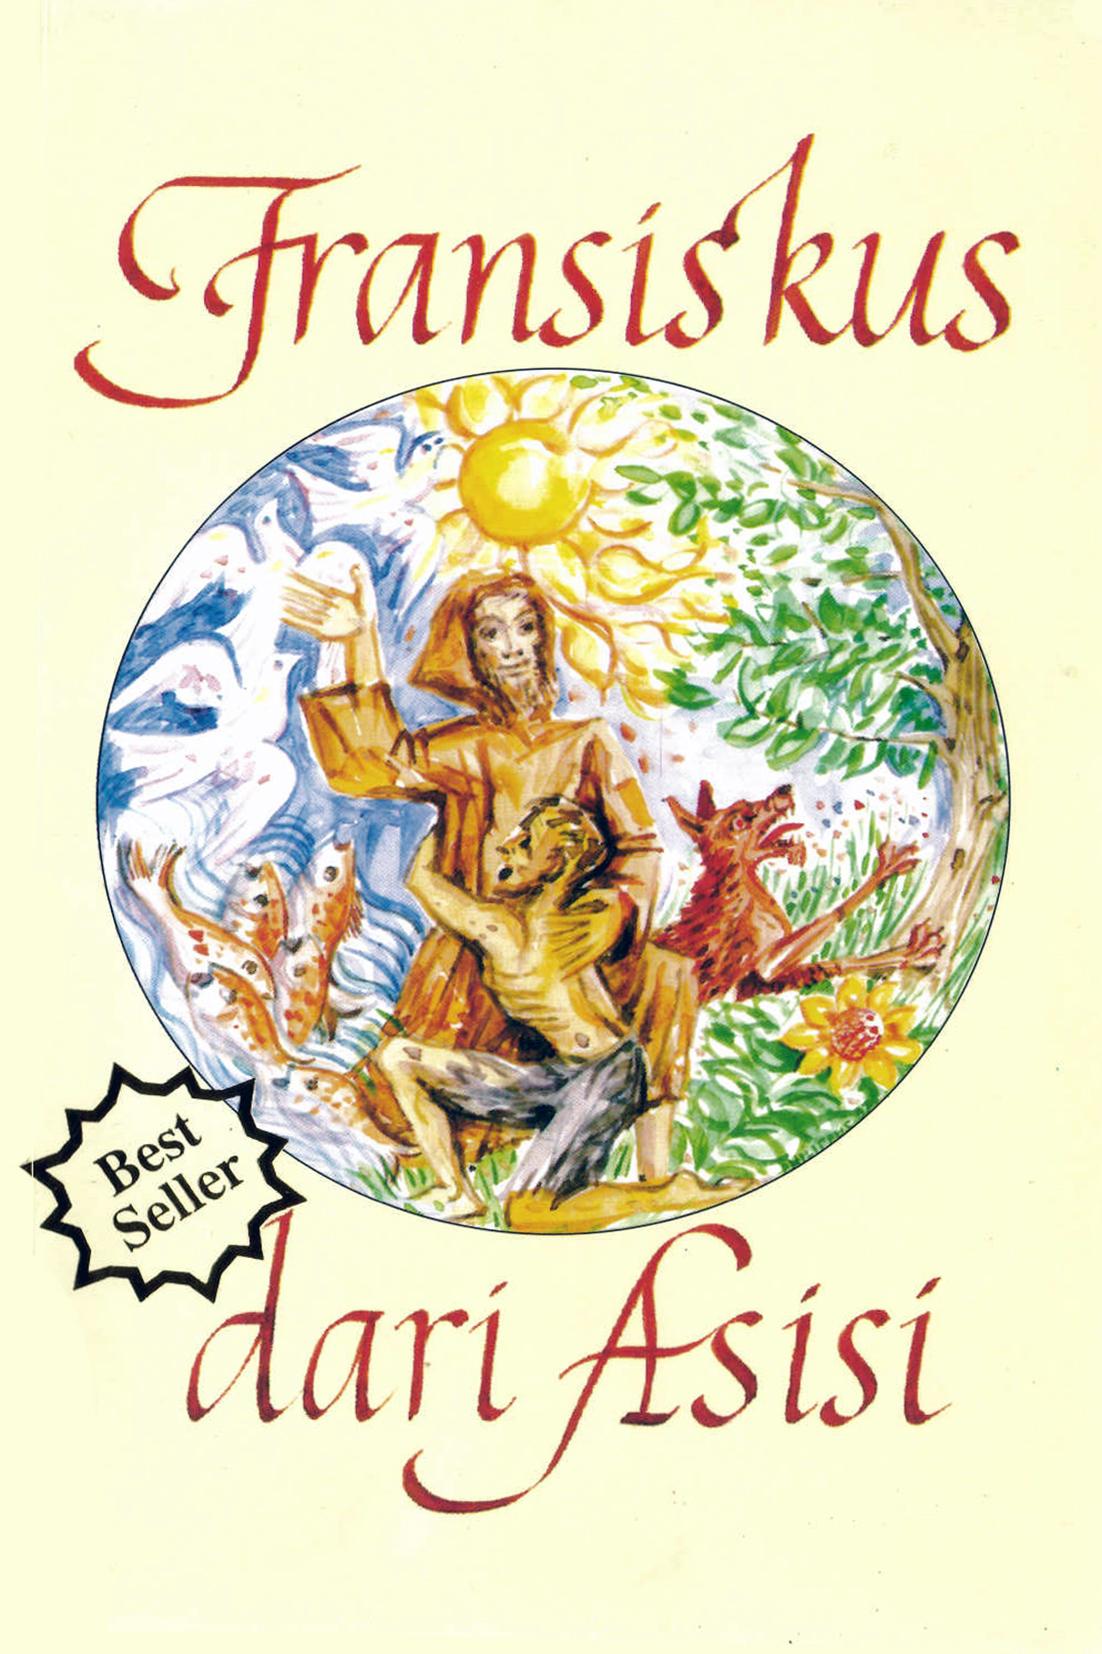 Fransiskus dari Asisi